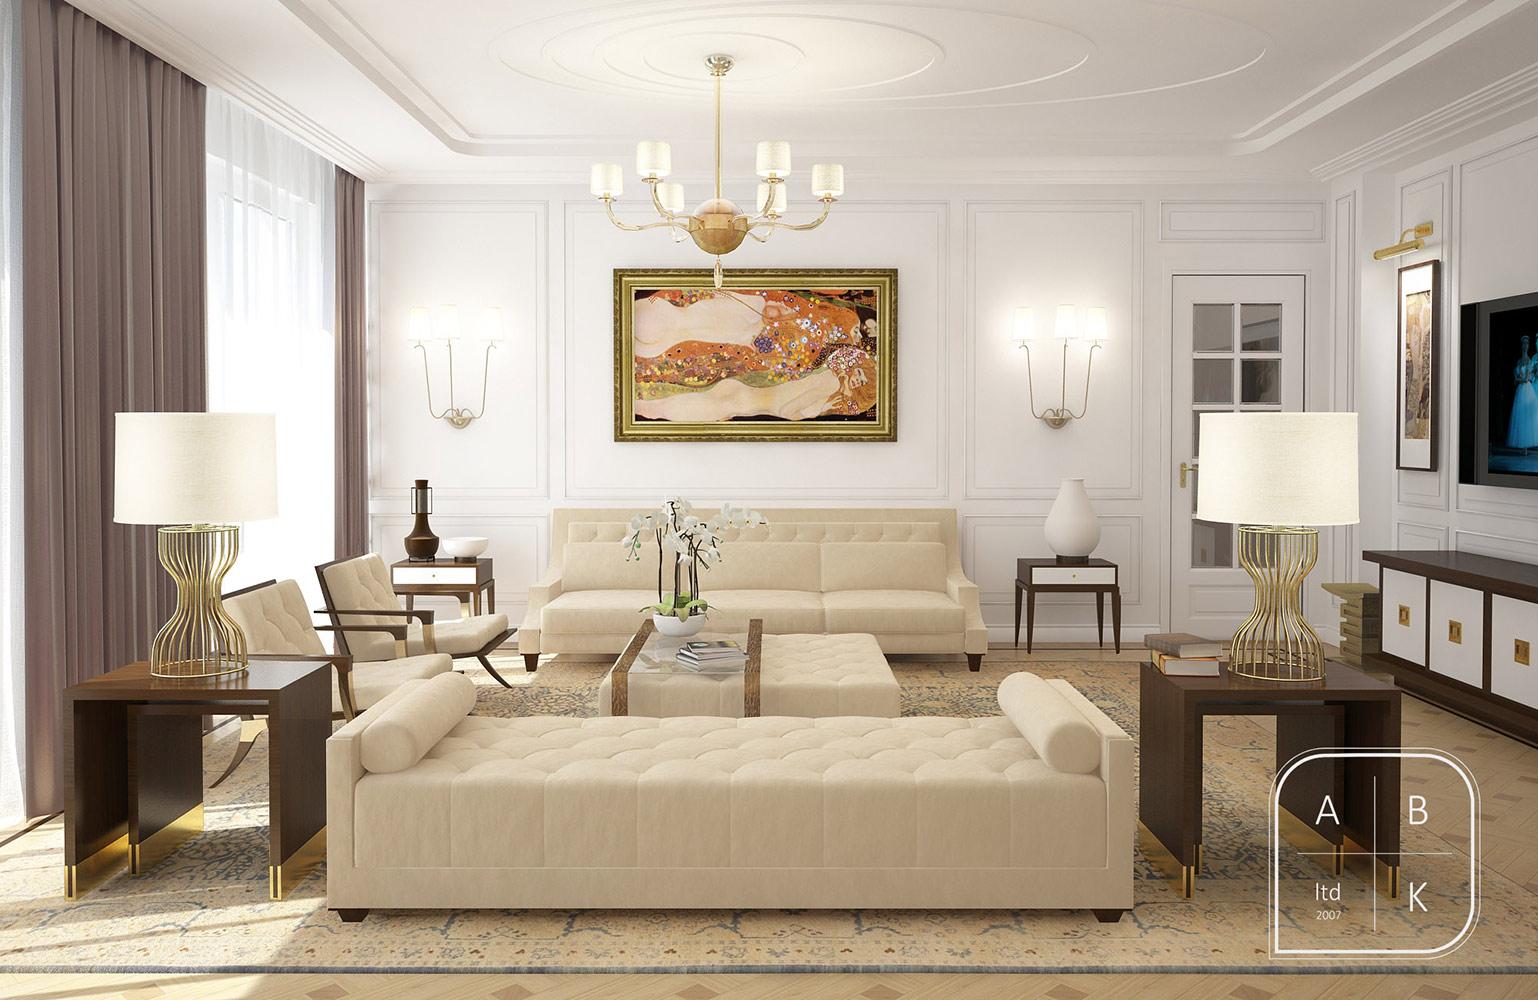 2013 Apartment Interior Living Room